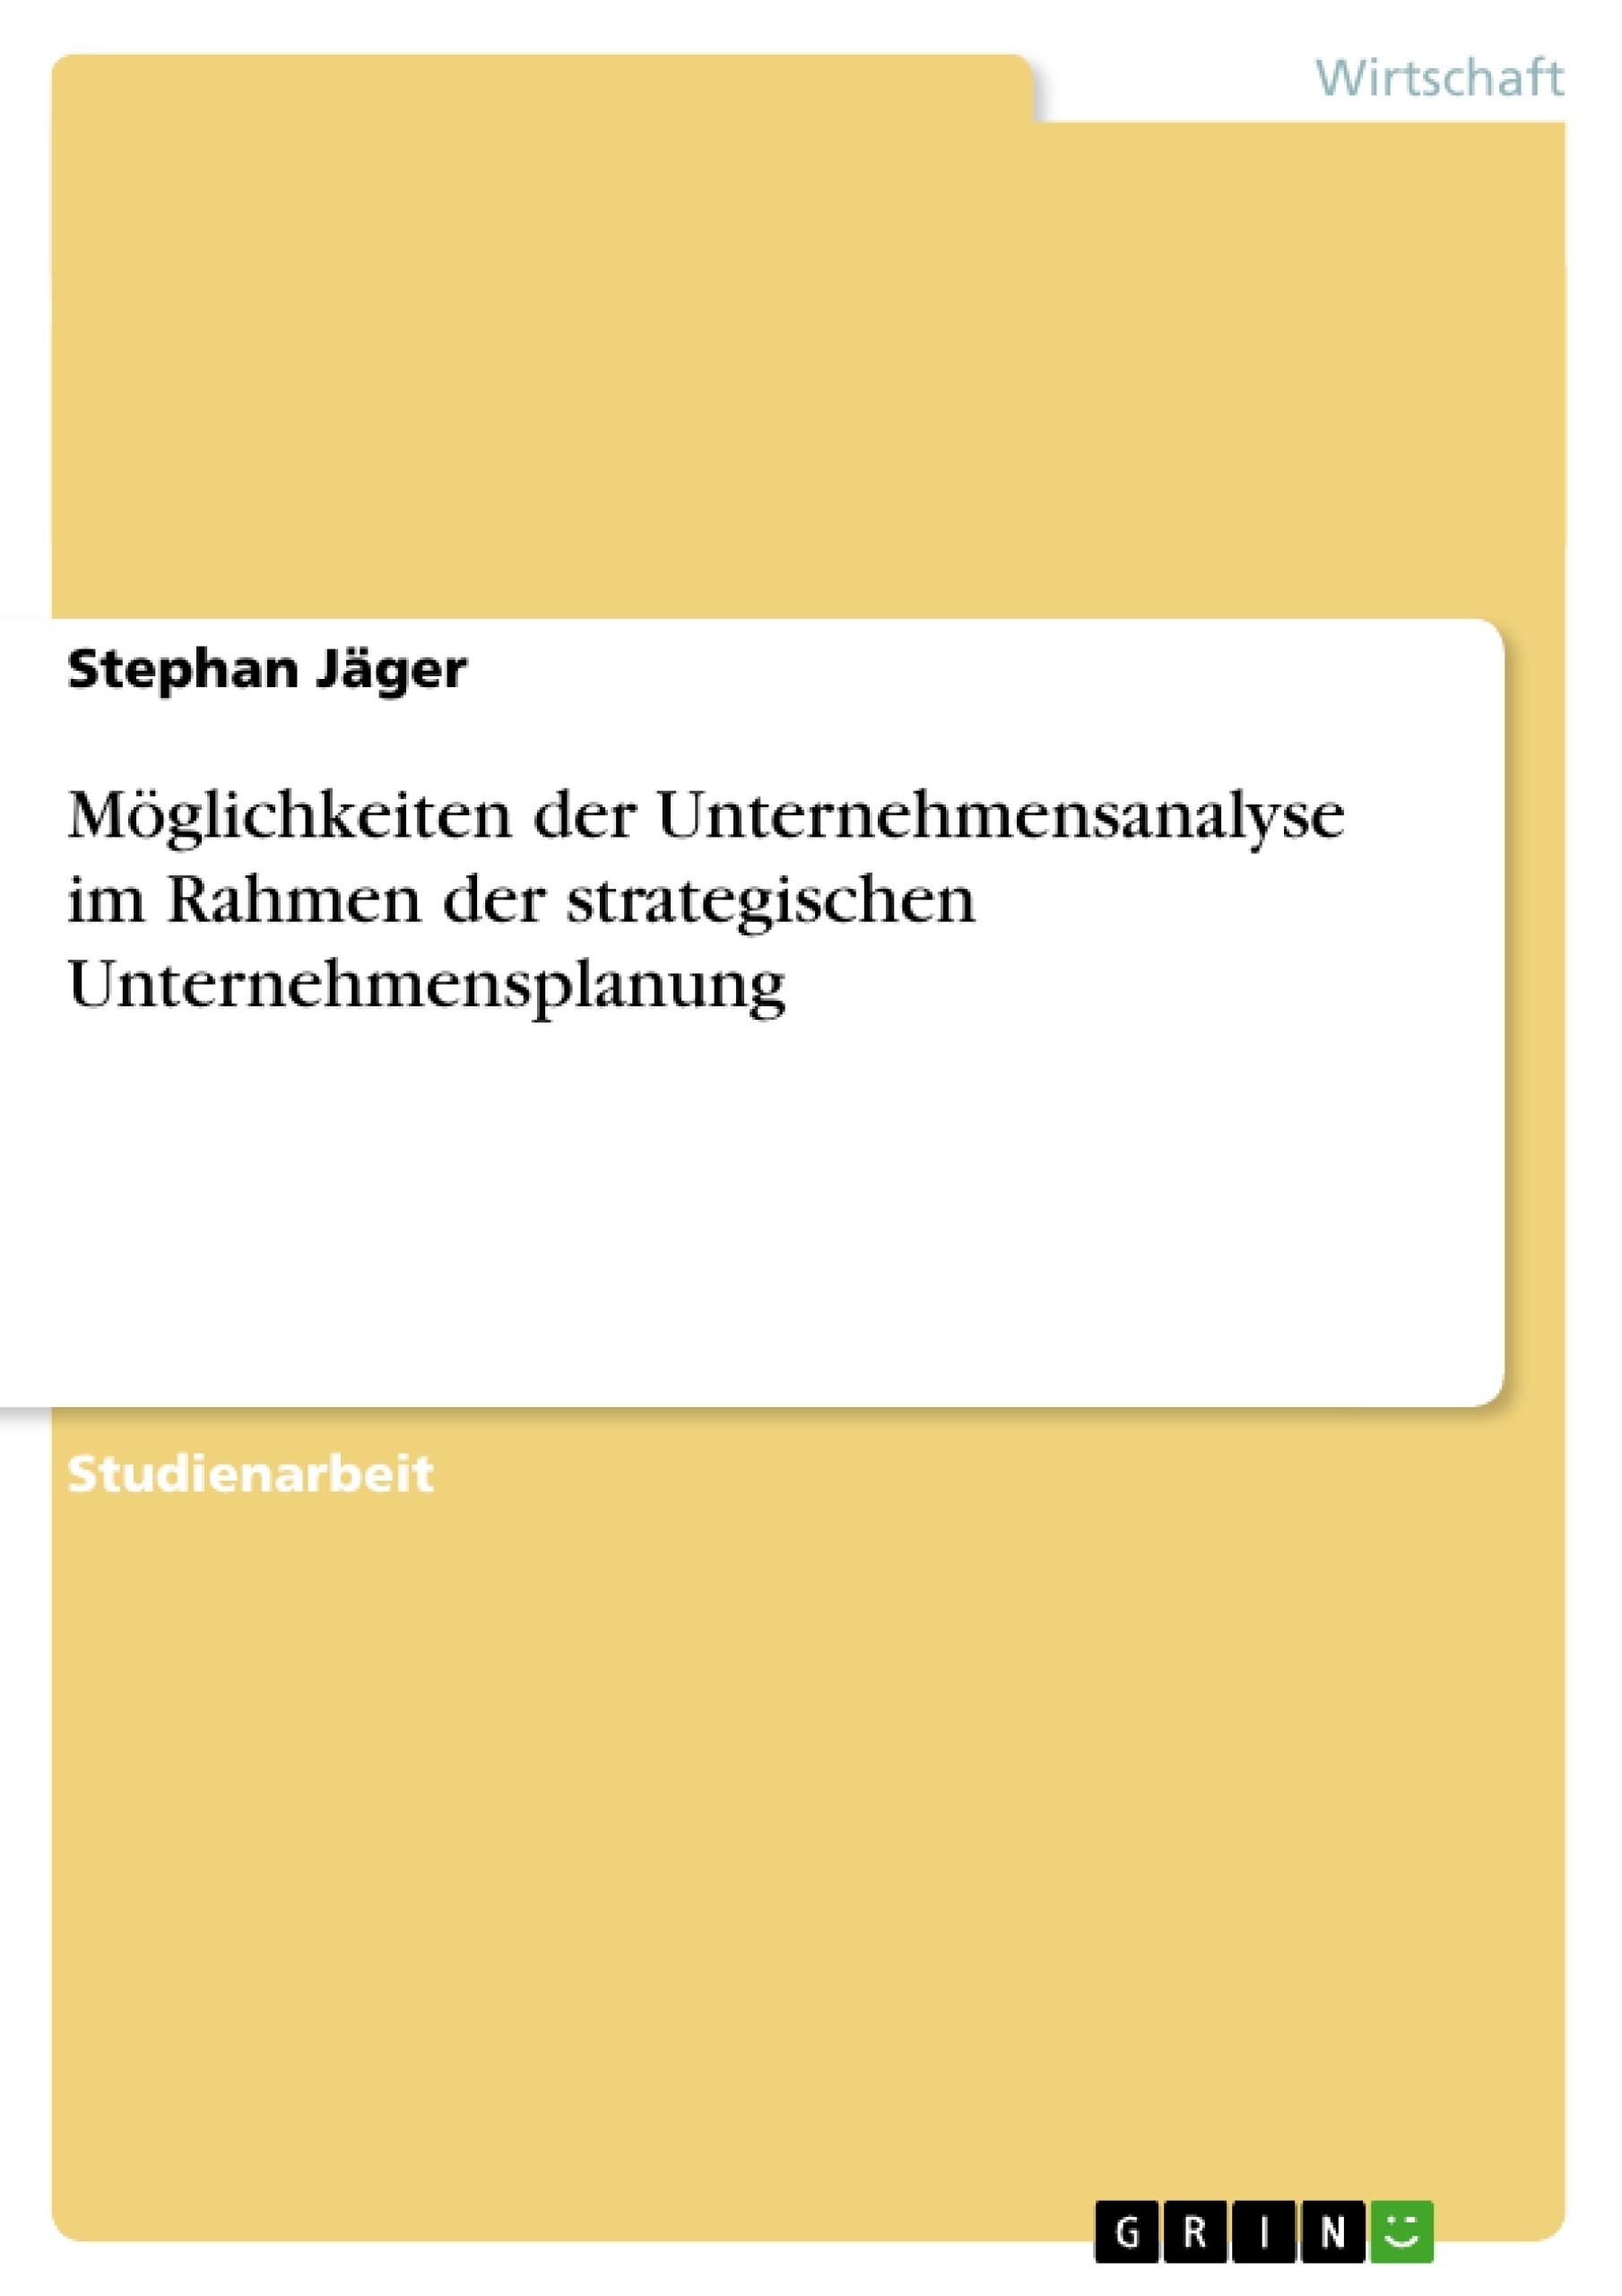 Titel: Möglichkeiten der Unternehmensanalyse im Rahmen der strategischen Unternehmensplanung